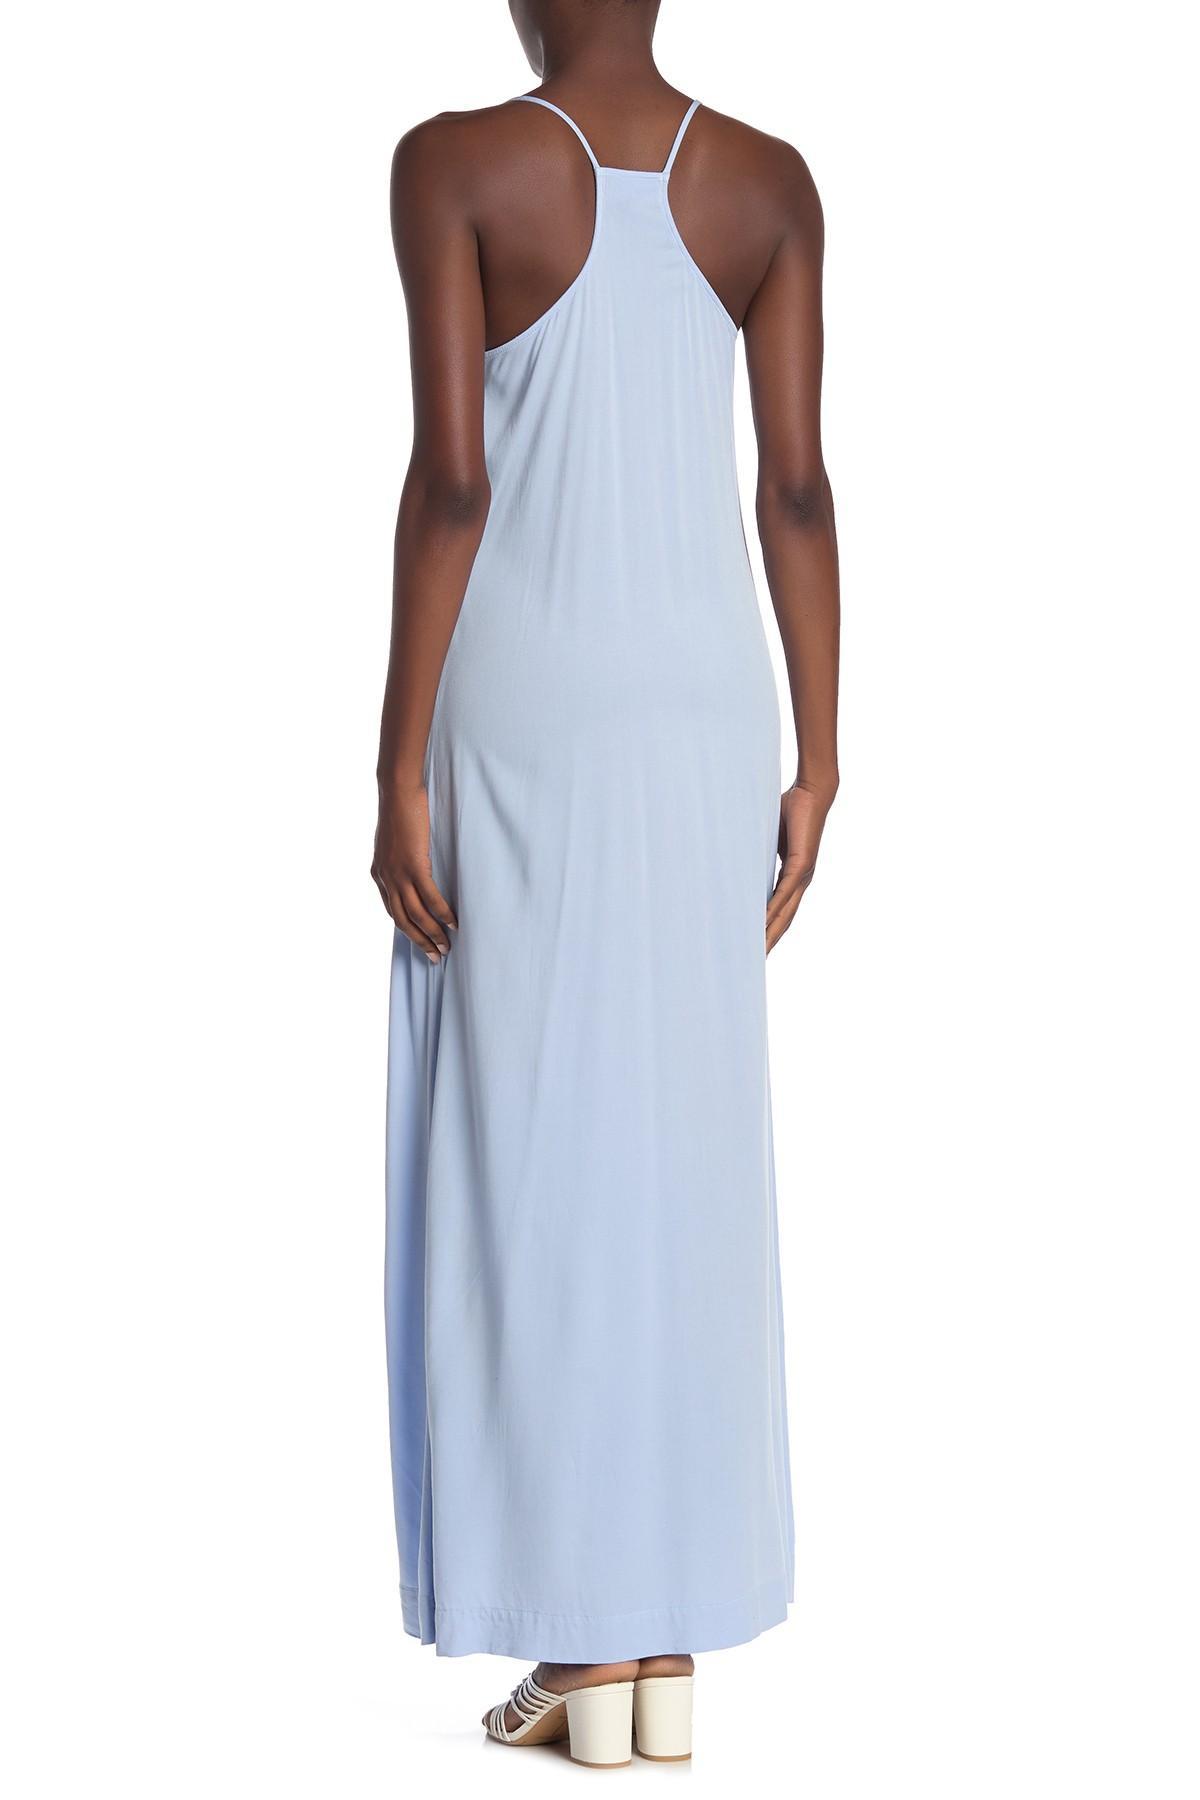 4339ca6628c Michael Stars - Blue Babydoll Maxi Dress - Lyst. View fullscreen